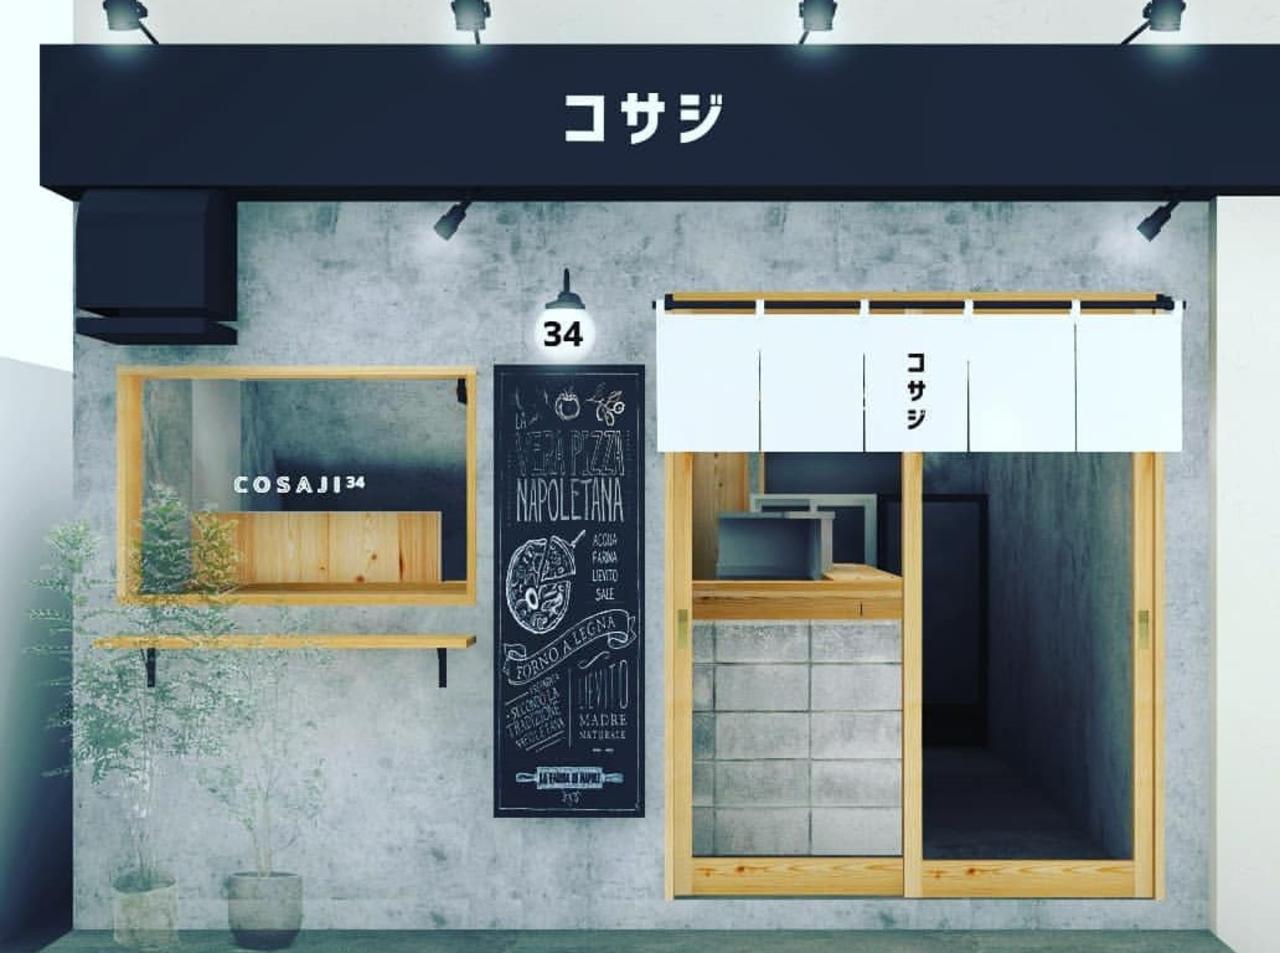 神奈川県藤沢市の辻堂駅近くに立呑バル「コサジ」が昨日オープンされたようです。